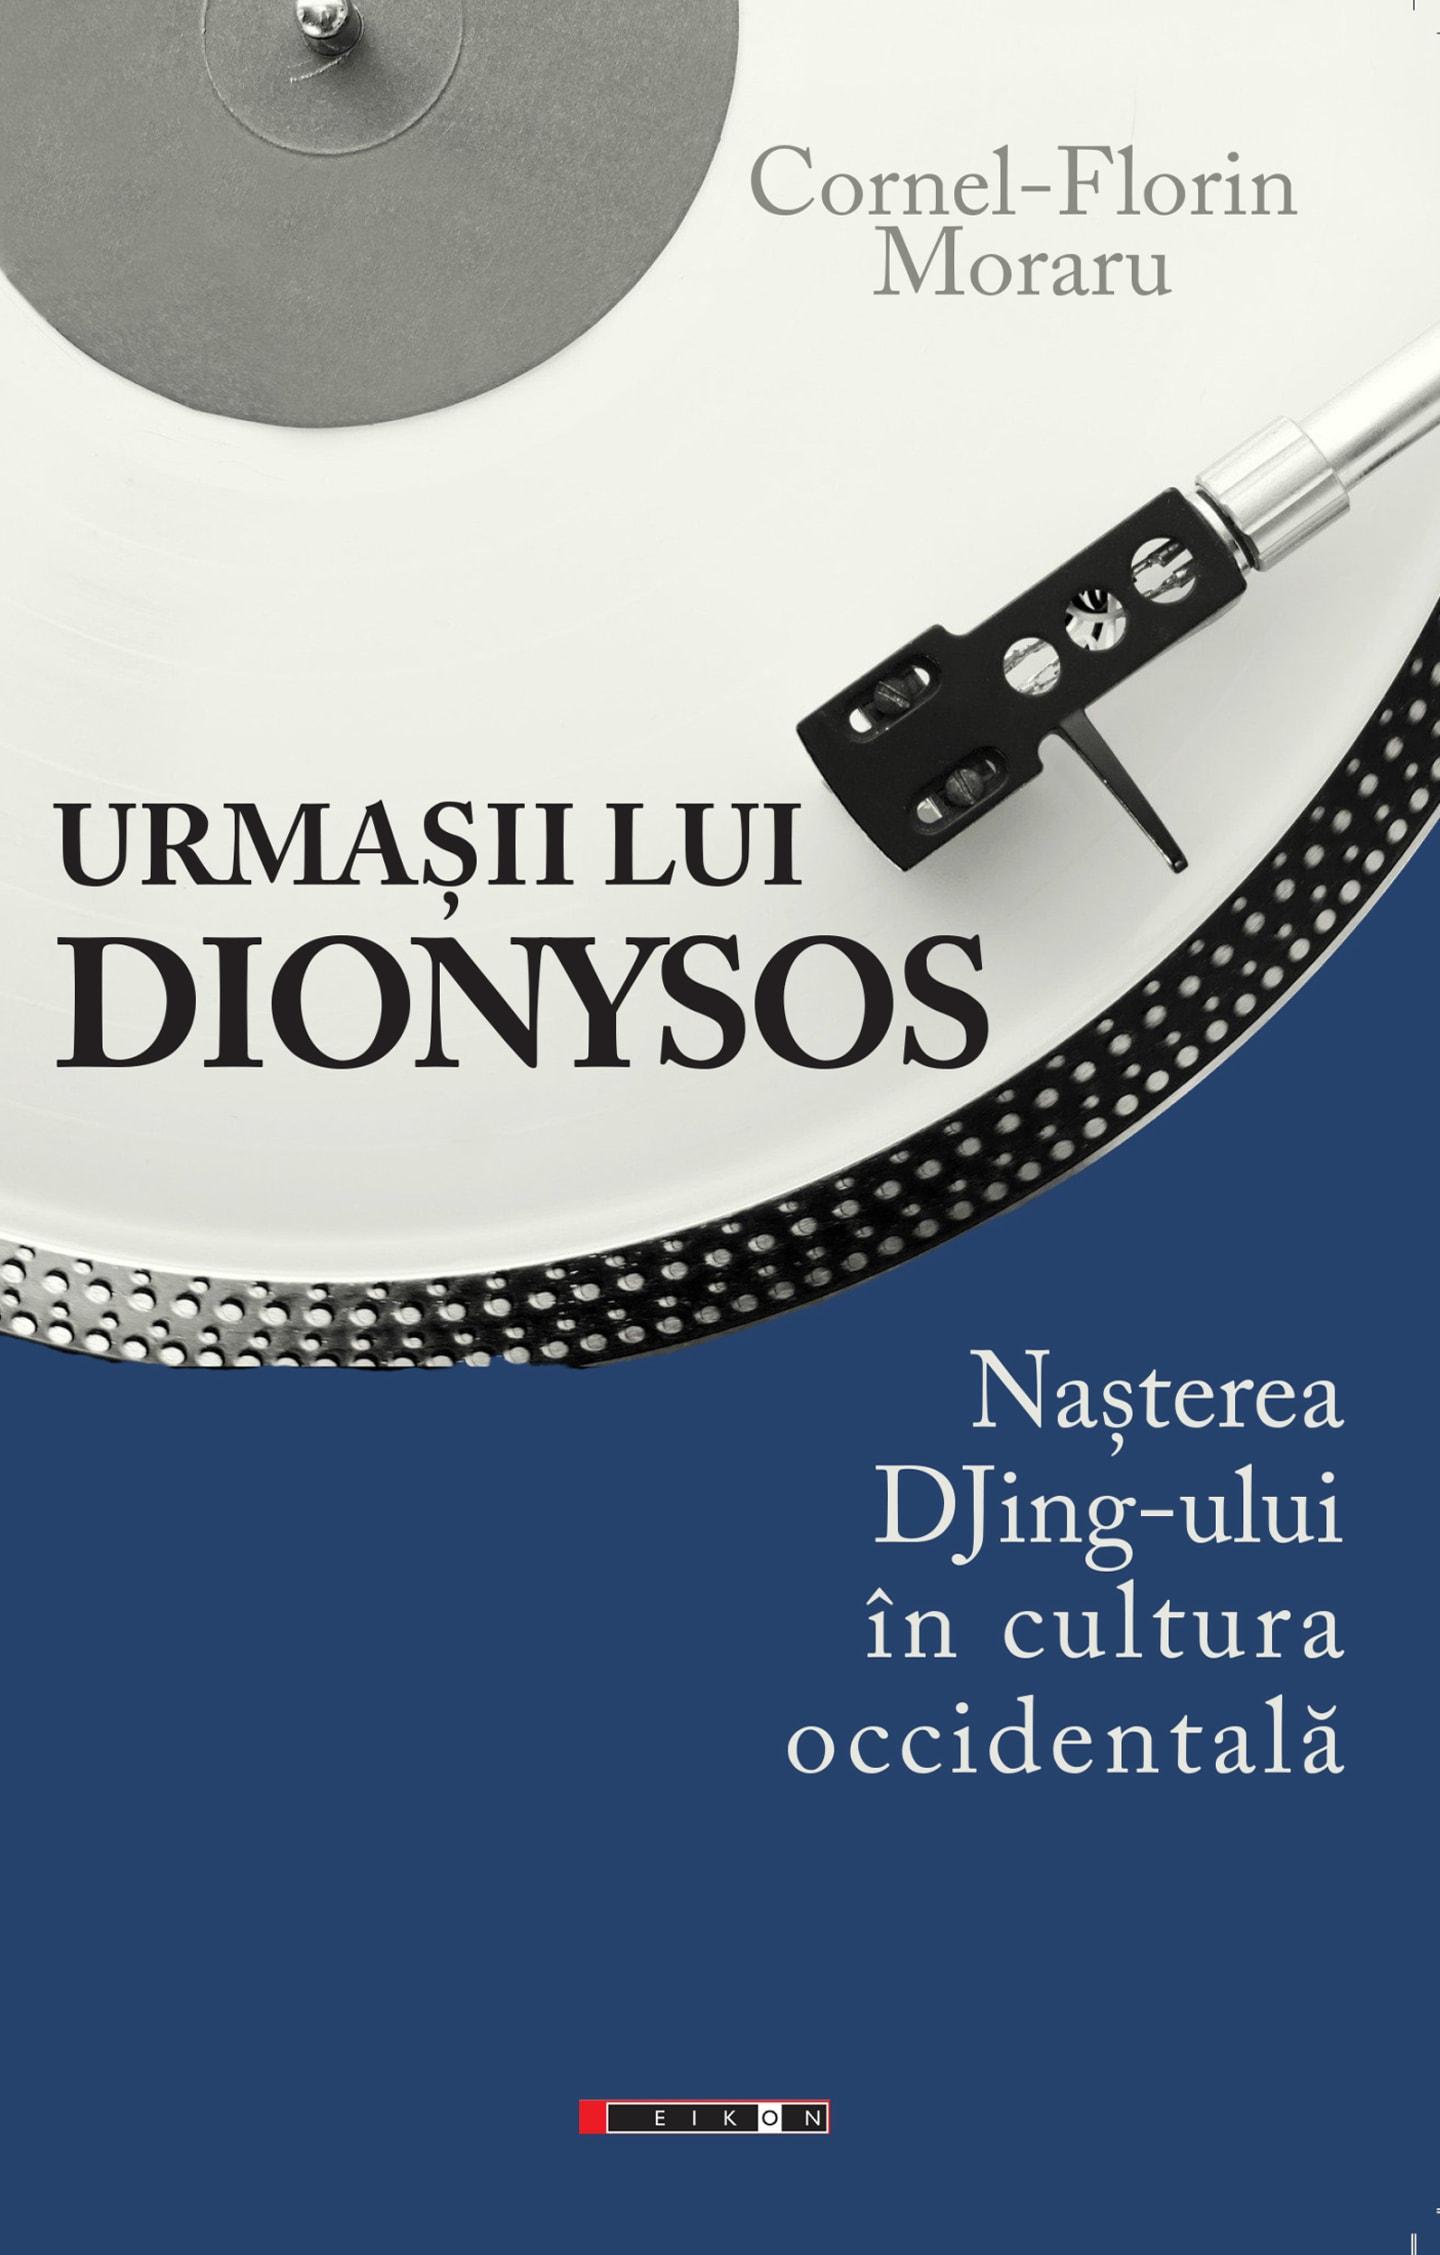 """Coperta cărții """"Urmașii lui Dionysos - Nașterea DJing-ului în cultura occidentală"""""""